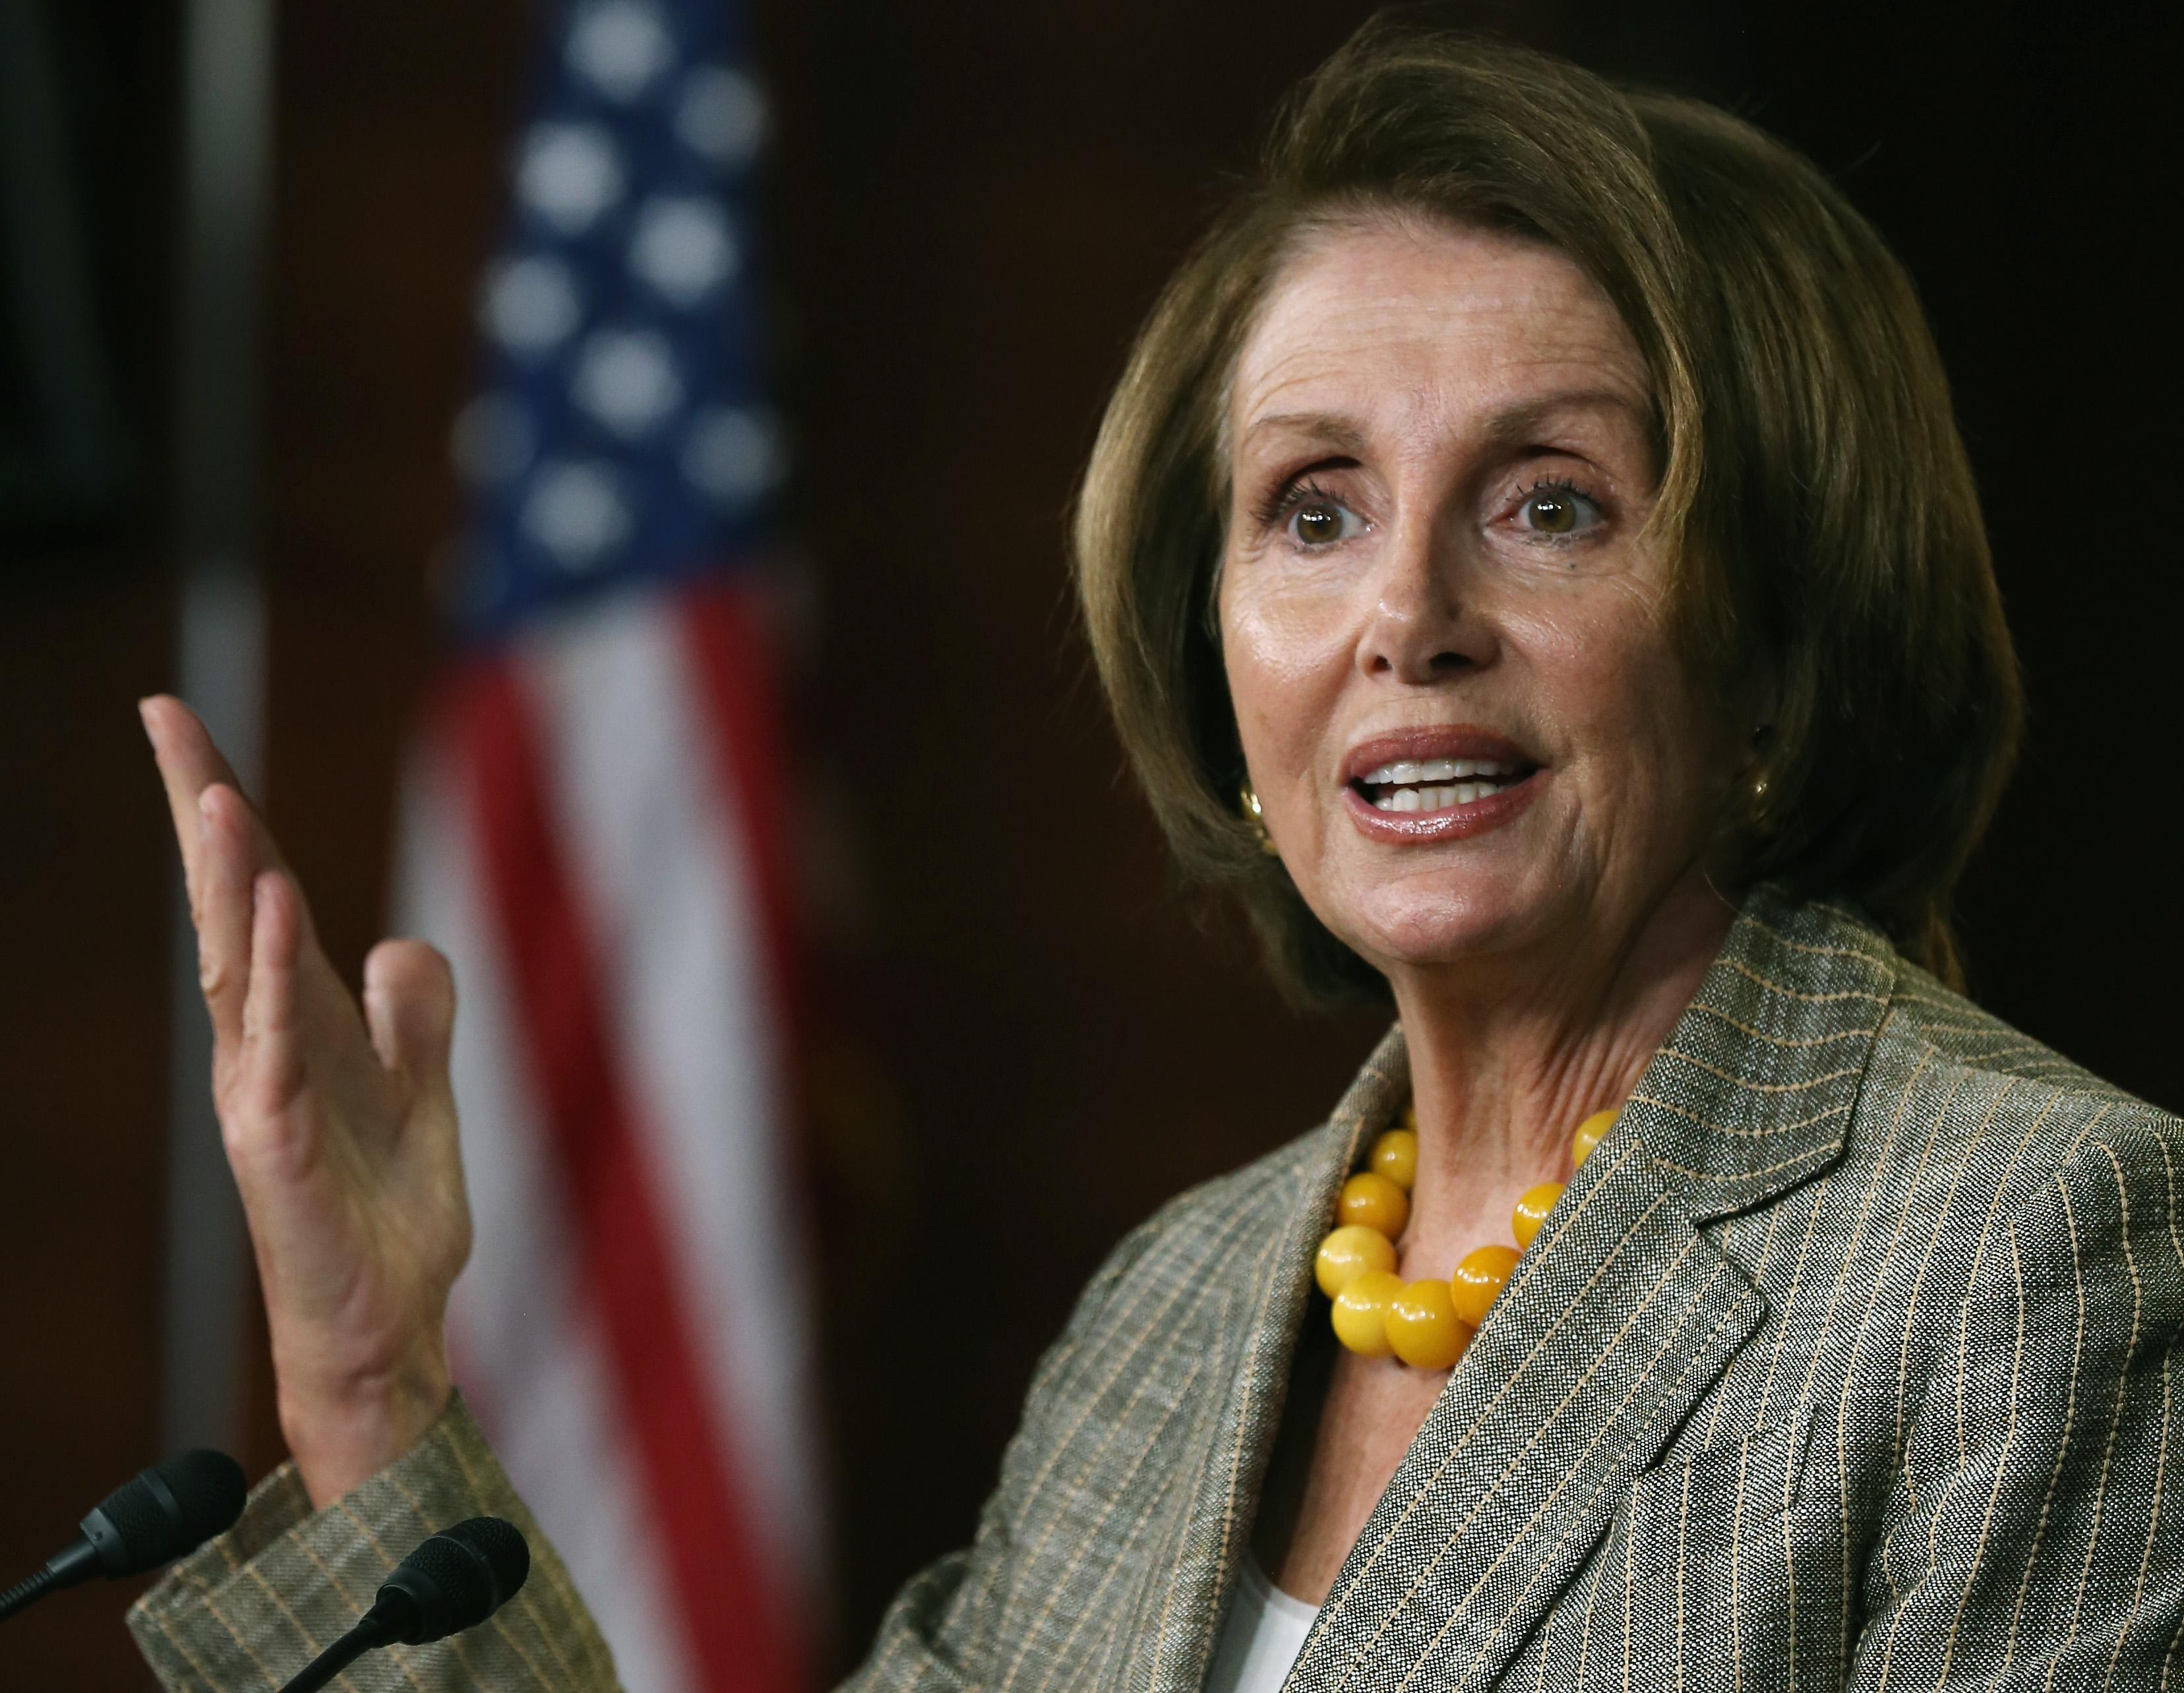 Nancy Pelosi is that woman